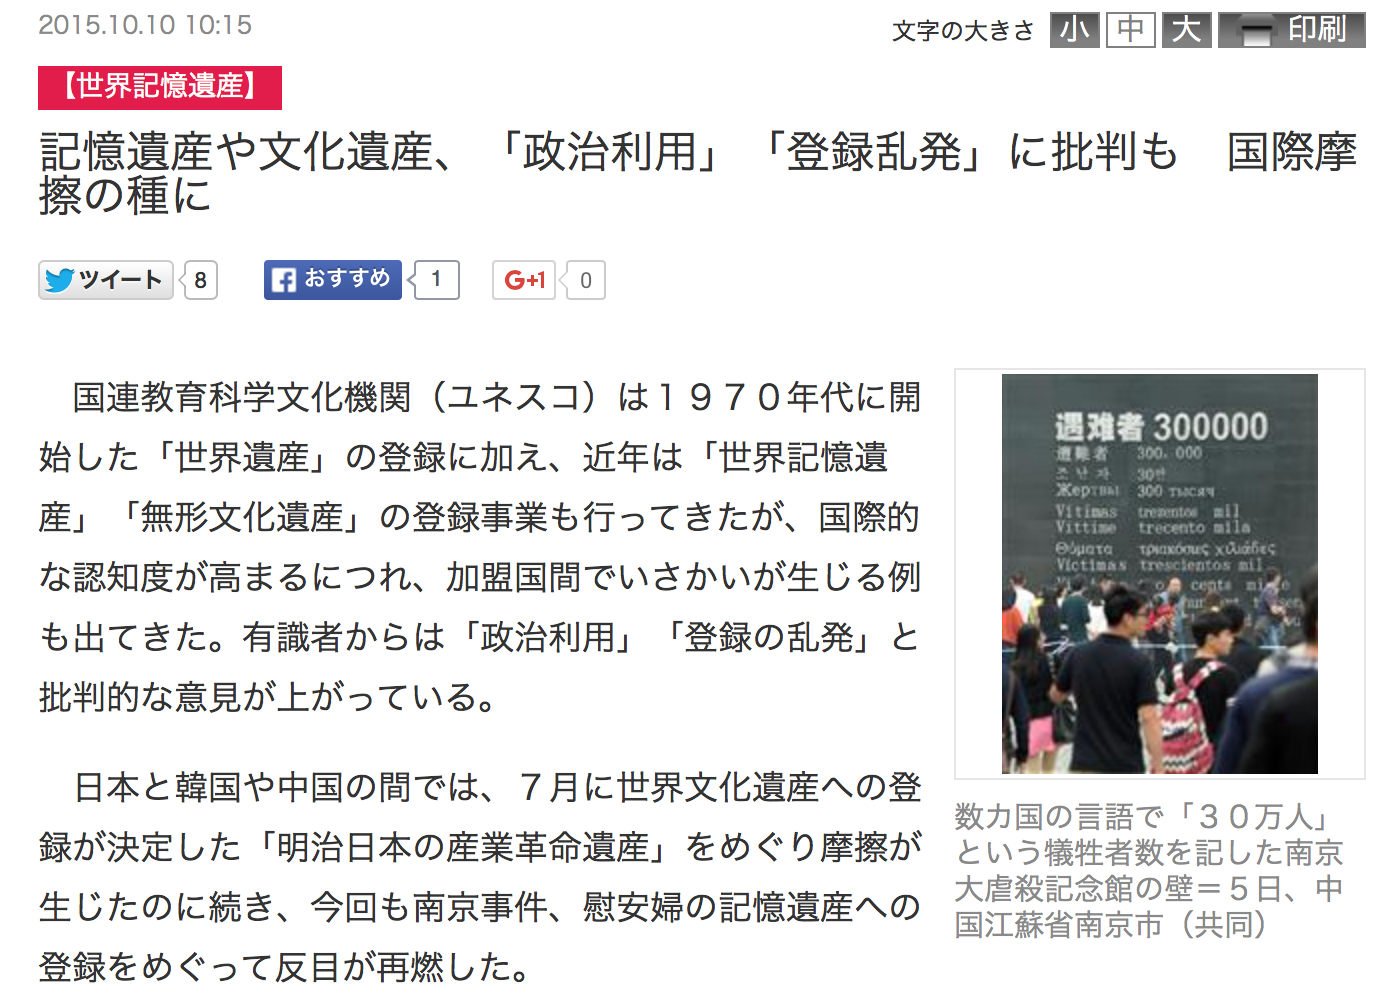 日媒批判聯合國教科文組織的登錄浮濫,反倒增加國際糾紛。(翻攝網路)